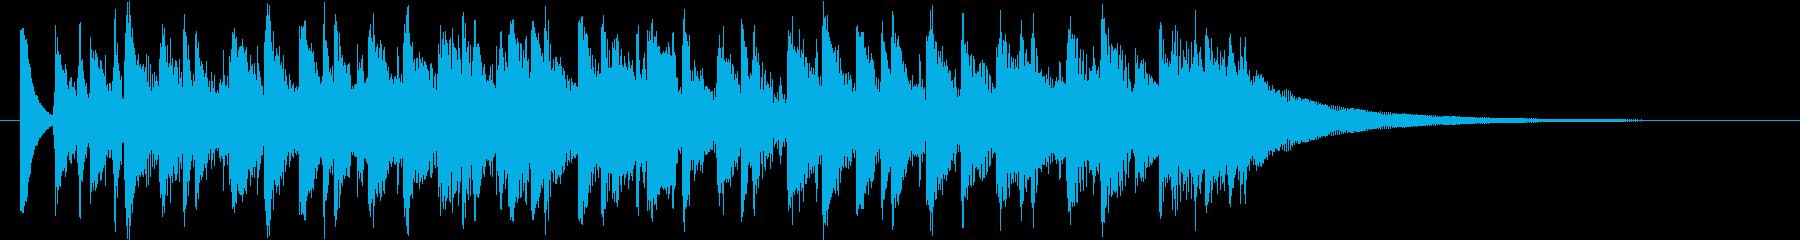 明るくポジティブなコーポレート音楽!の再生済みの波形